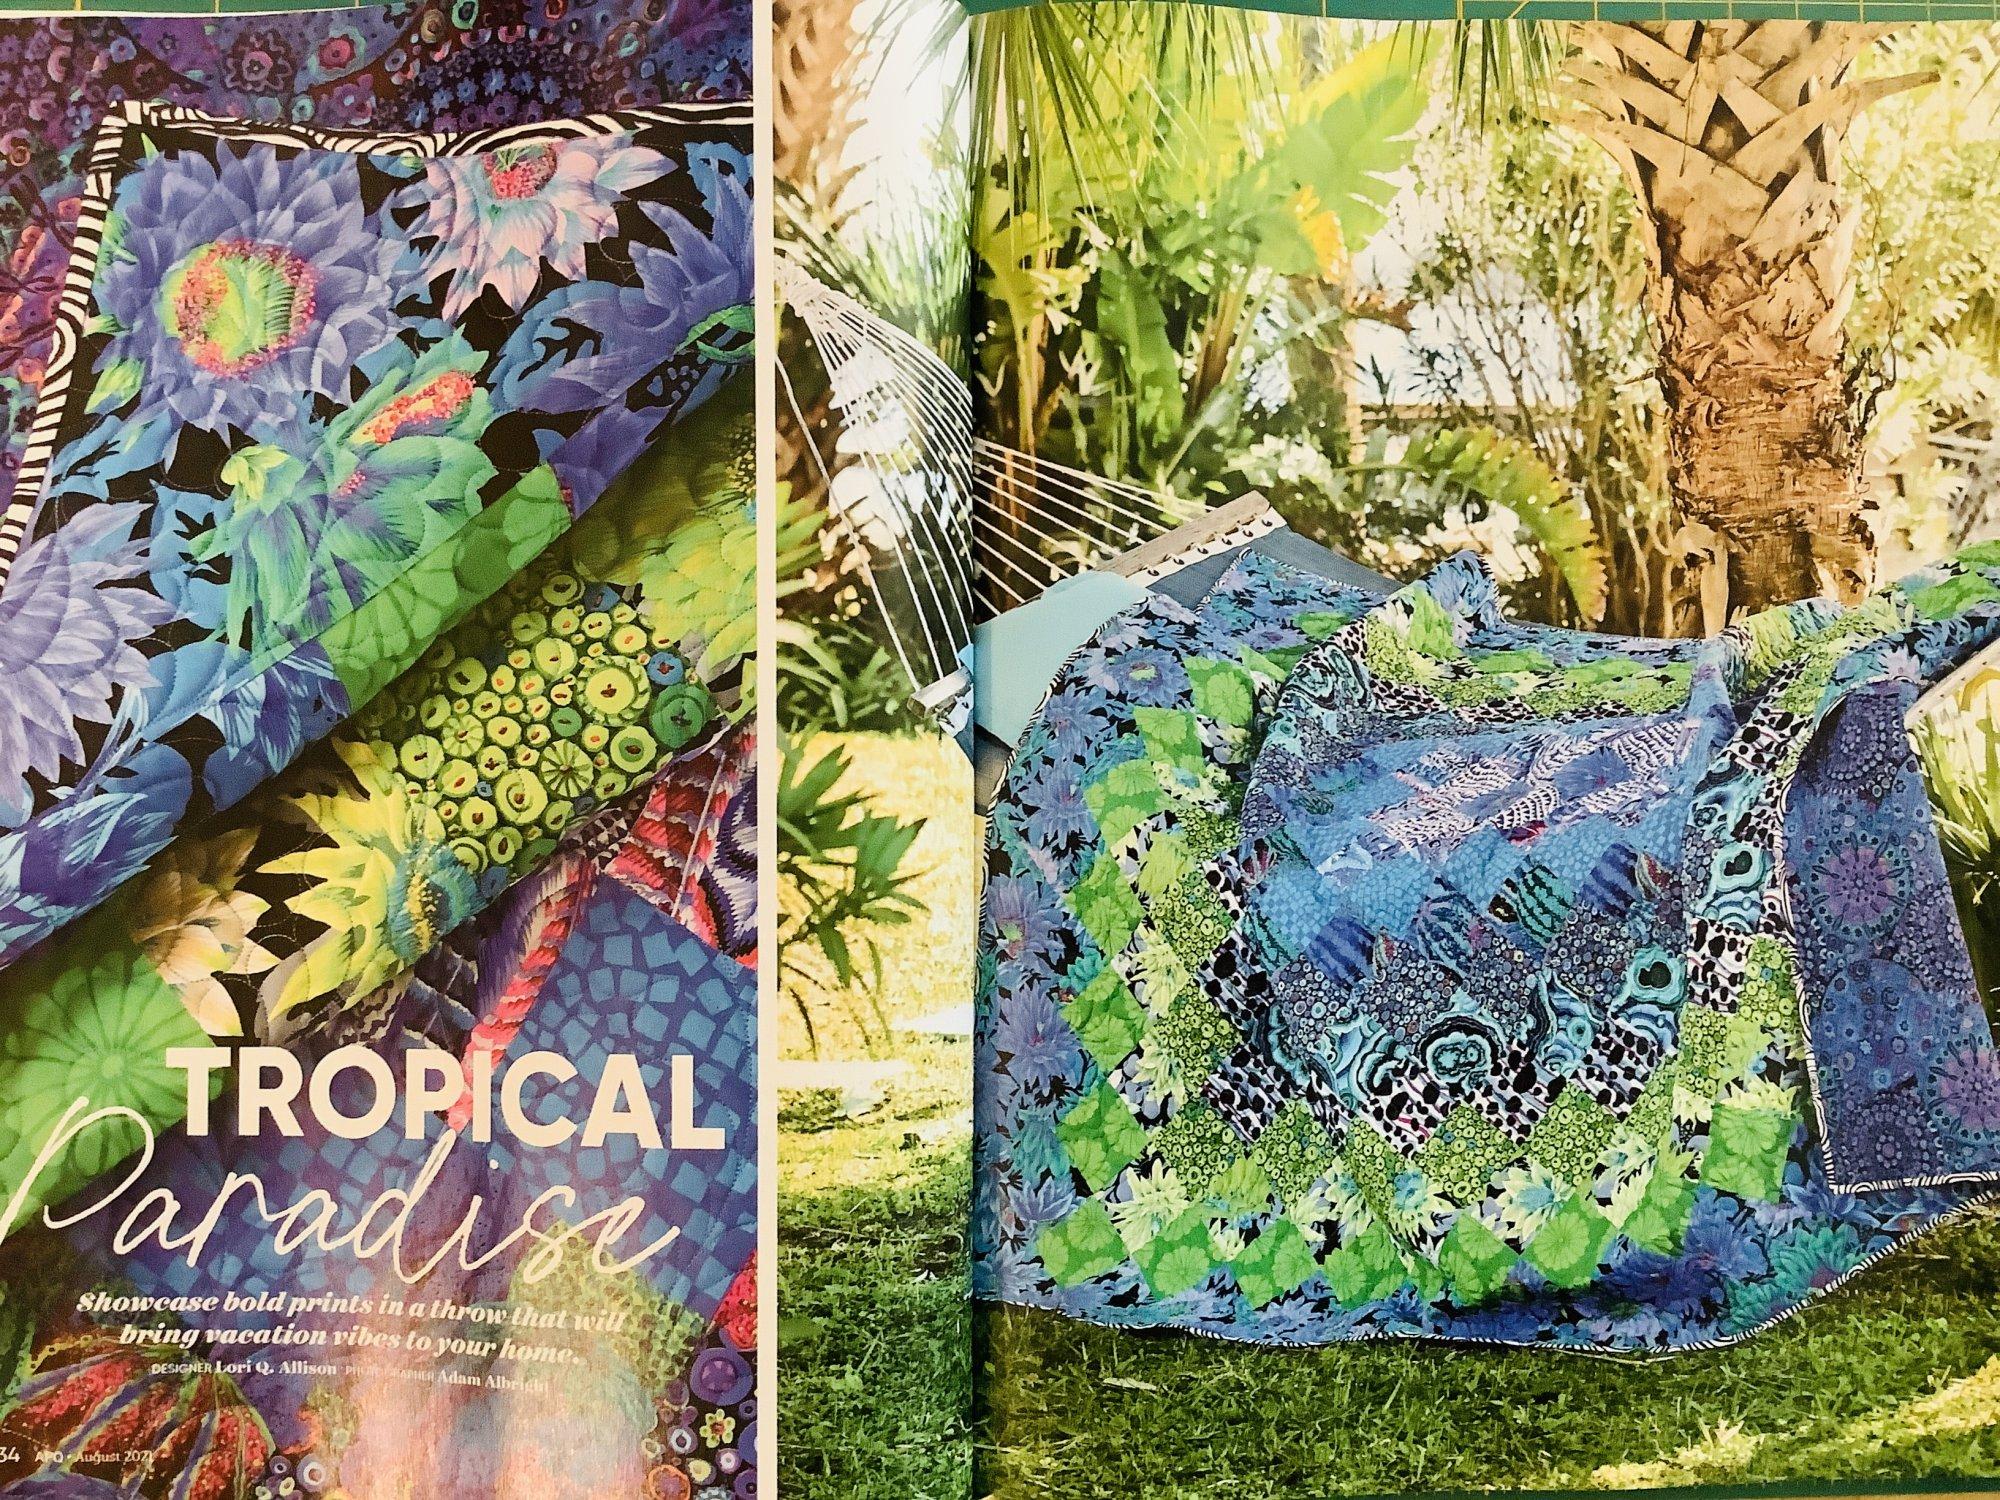 Tropical Paradise Magazine Issue 171